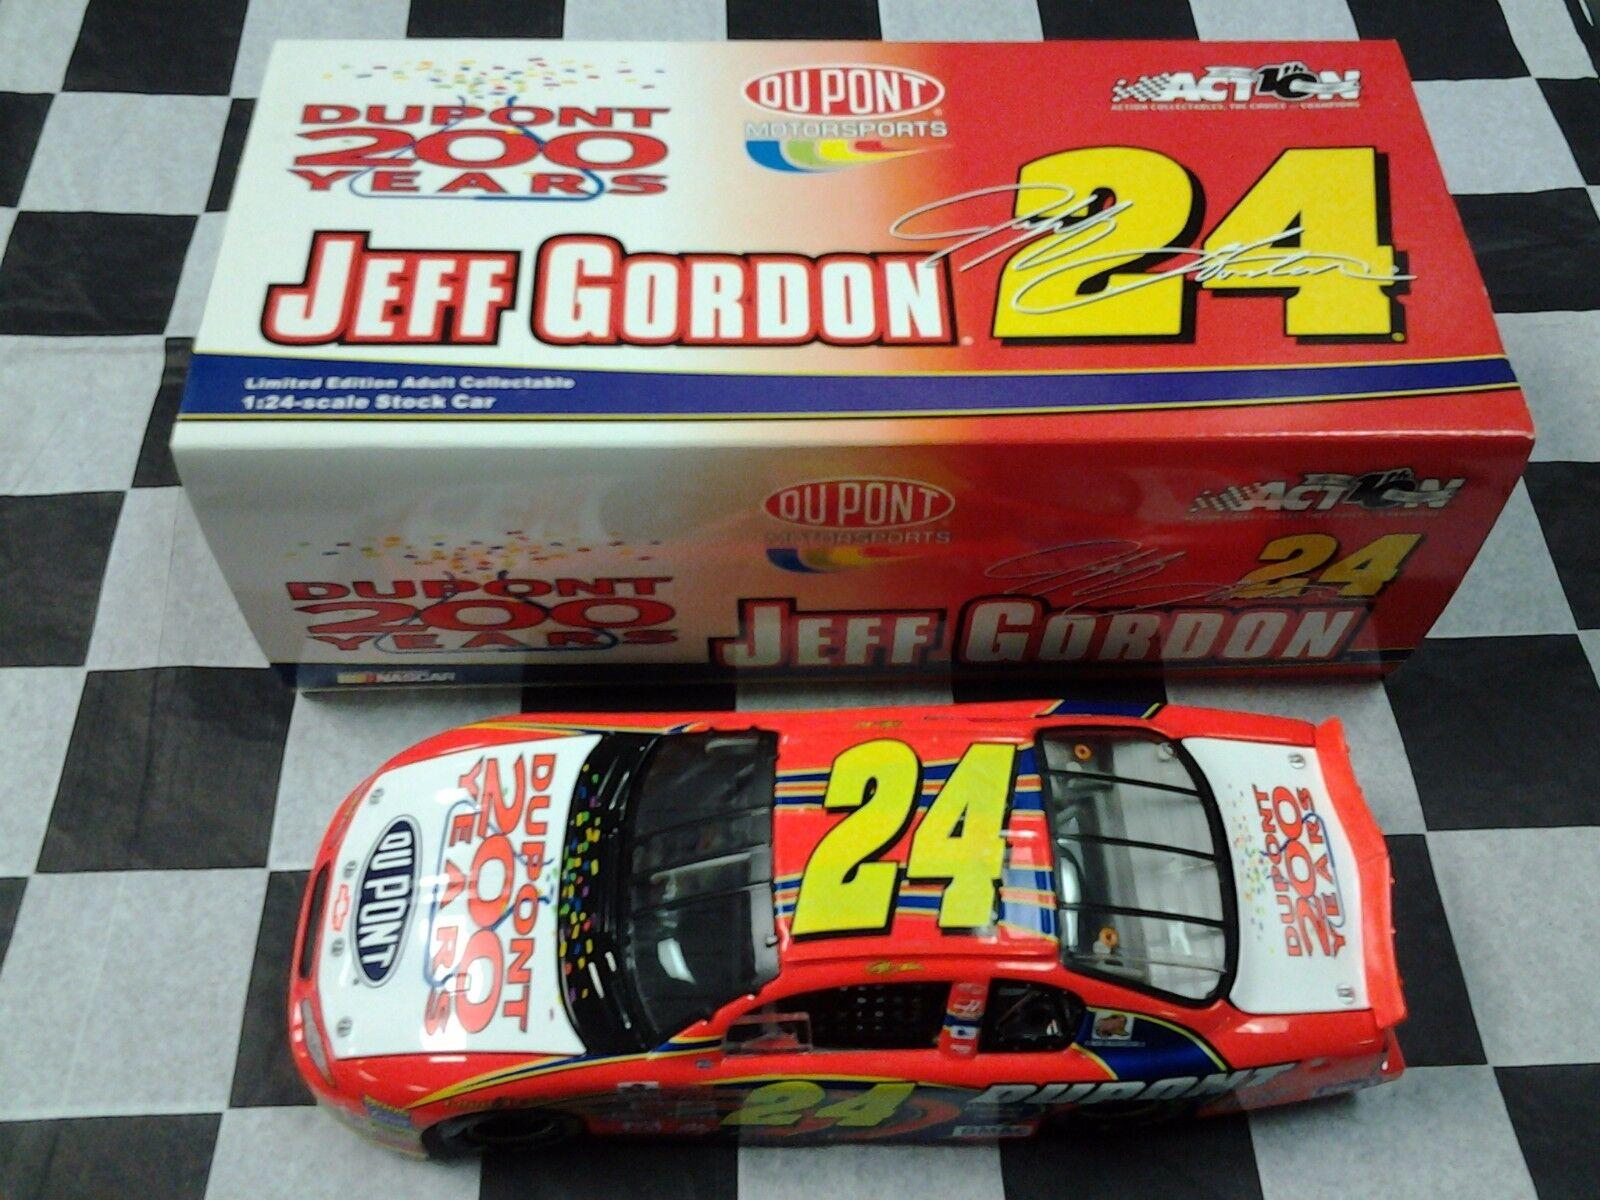 Jeff Gordon  24 Dupont 200th anniversaire 2002  MONTE voitureLO 1 24 Action NASvoiture  livraison et retours gratuits